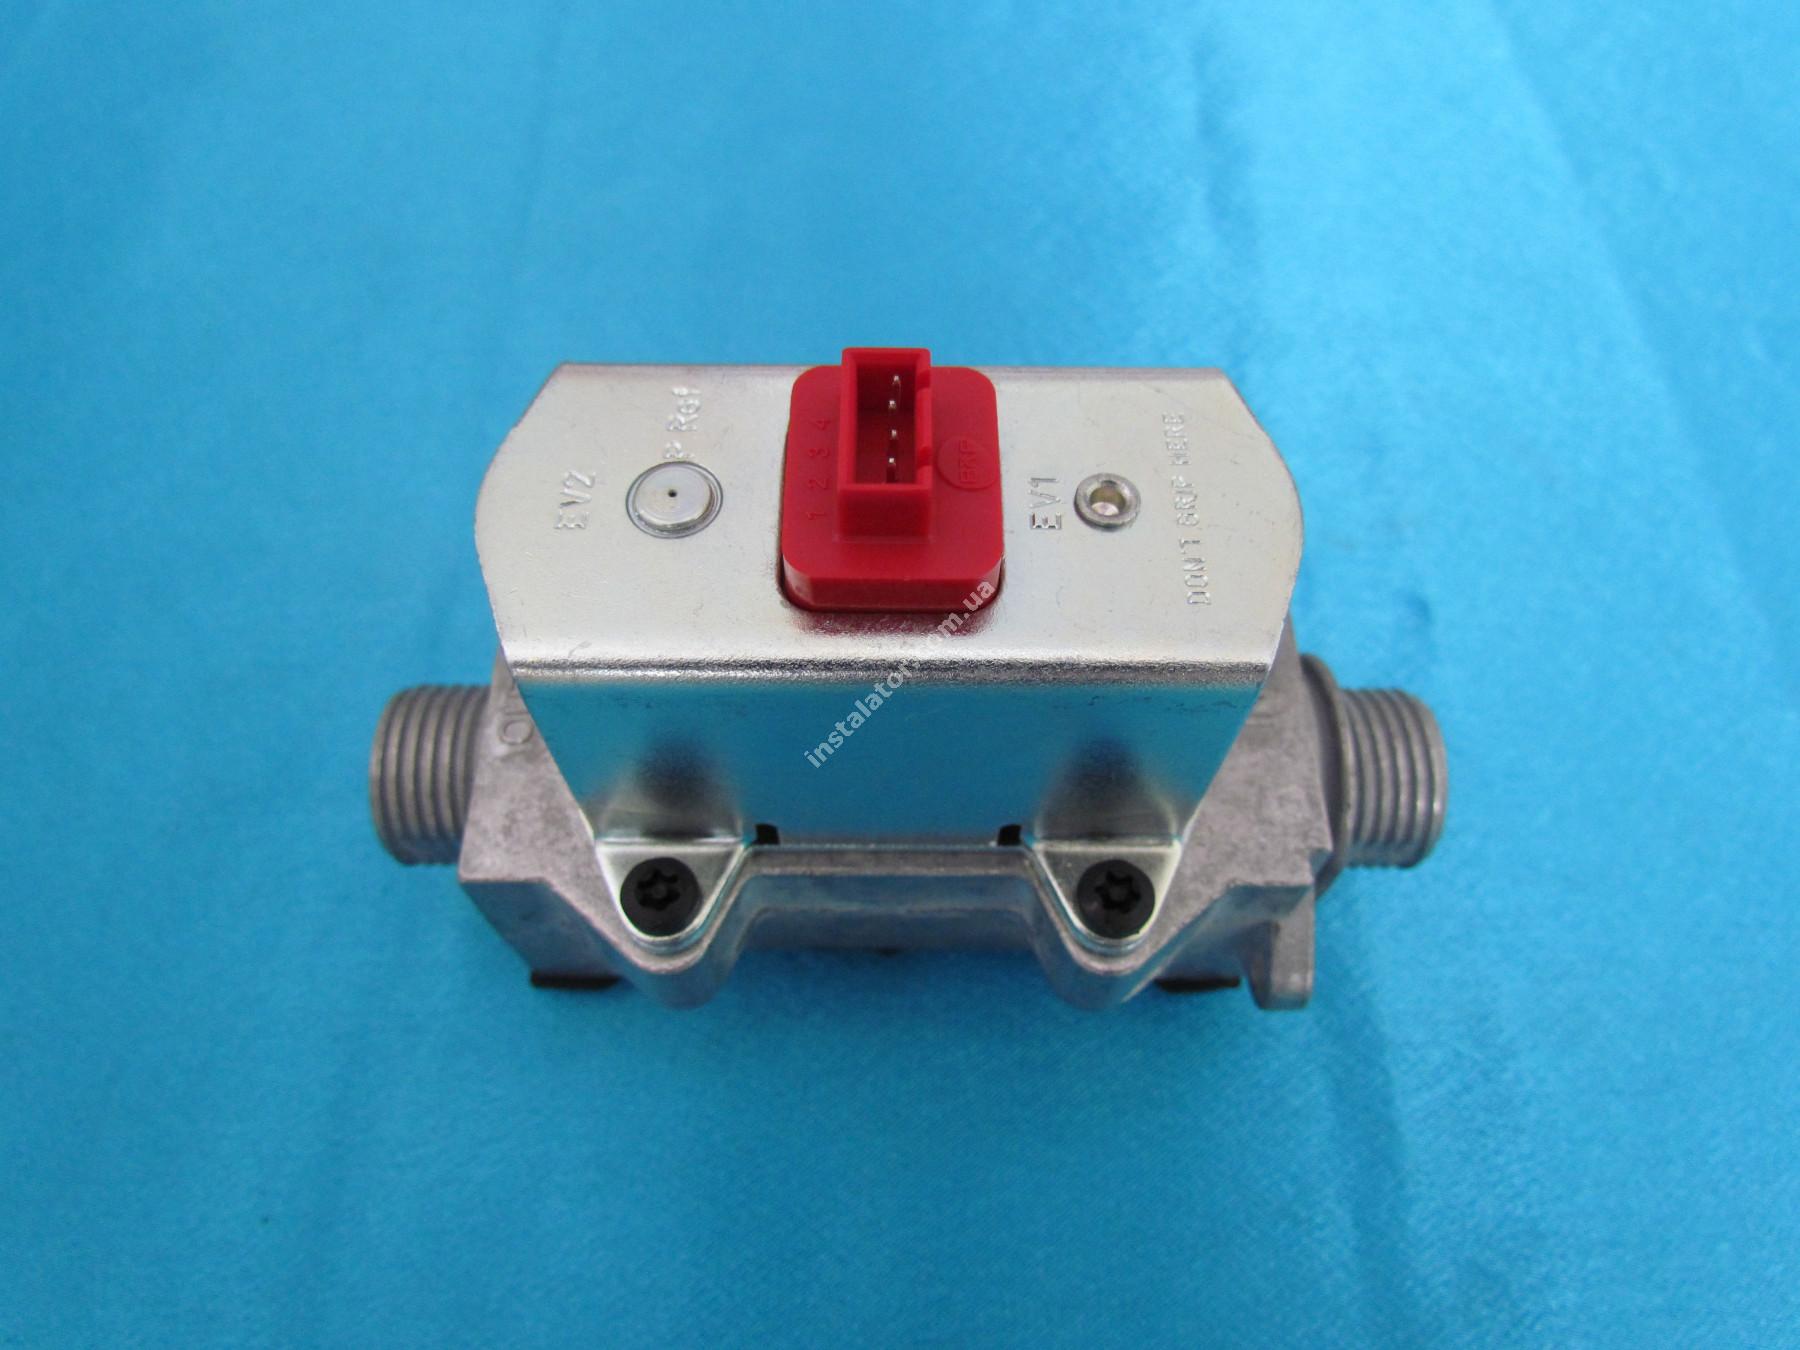 39841320 Газовый клапан Ferroli Domiproject D, Domitech D, FerEasy D 24-32 кВт. full-image-3